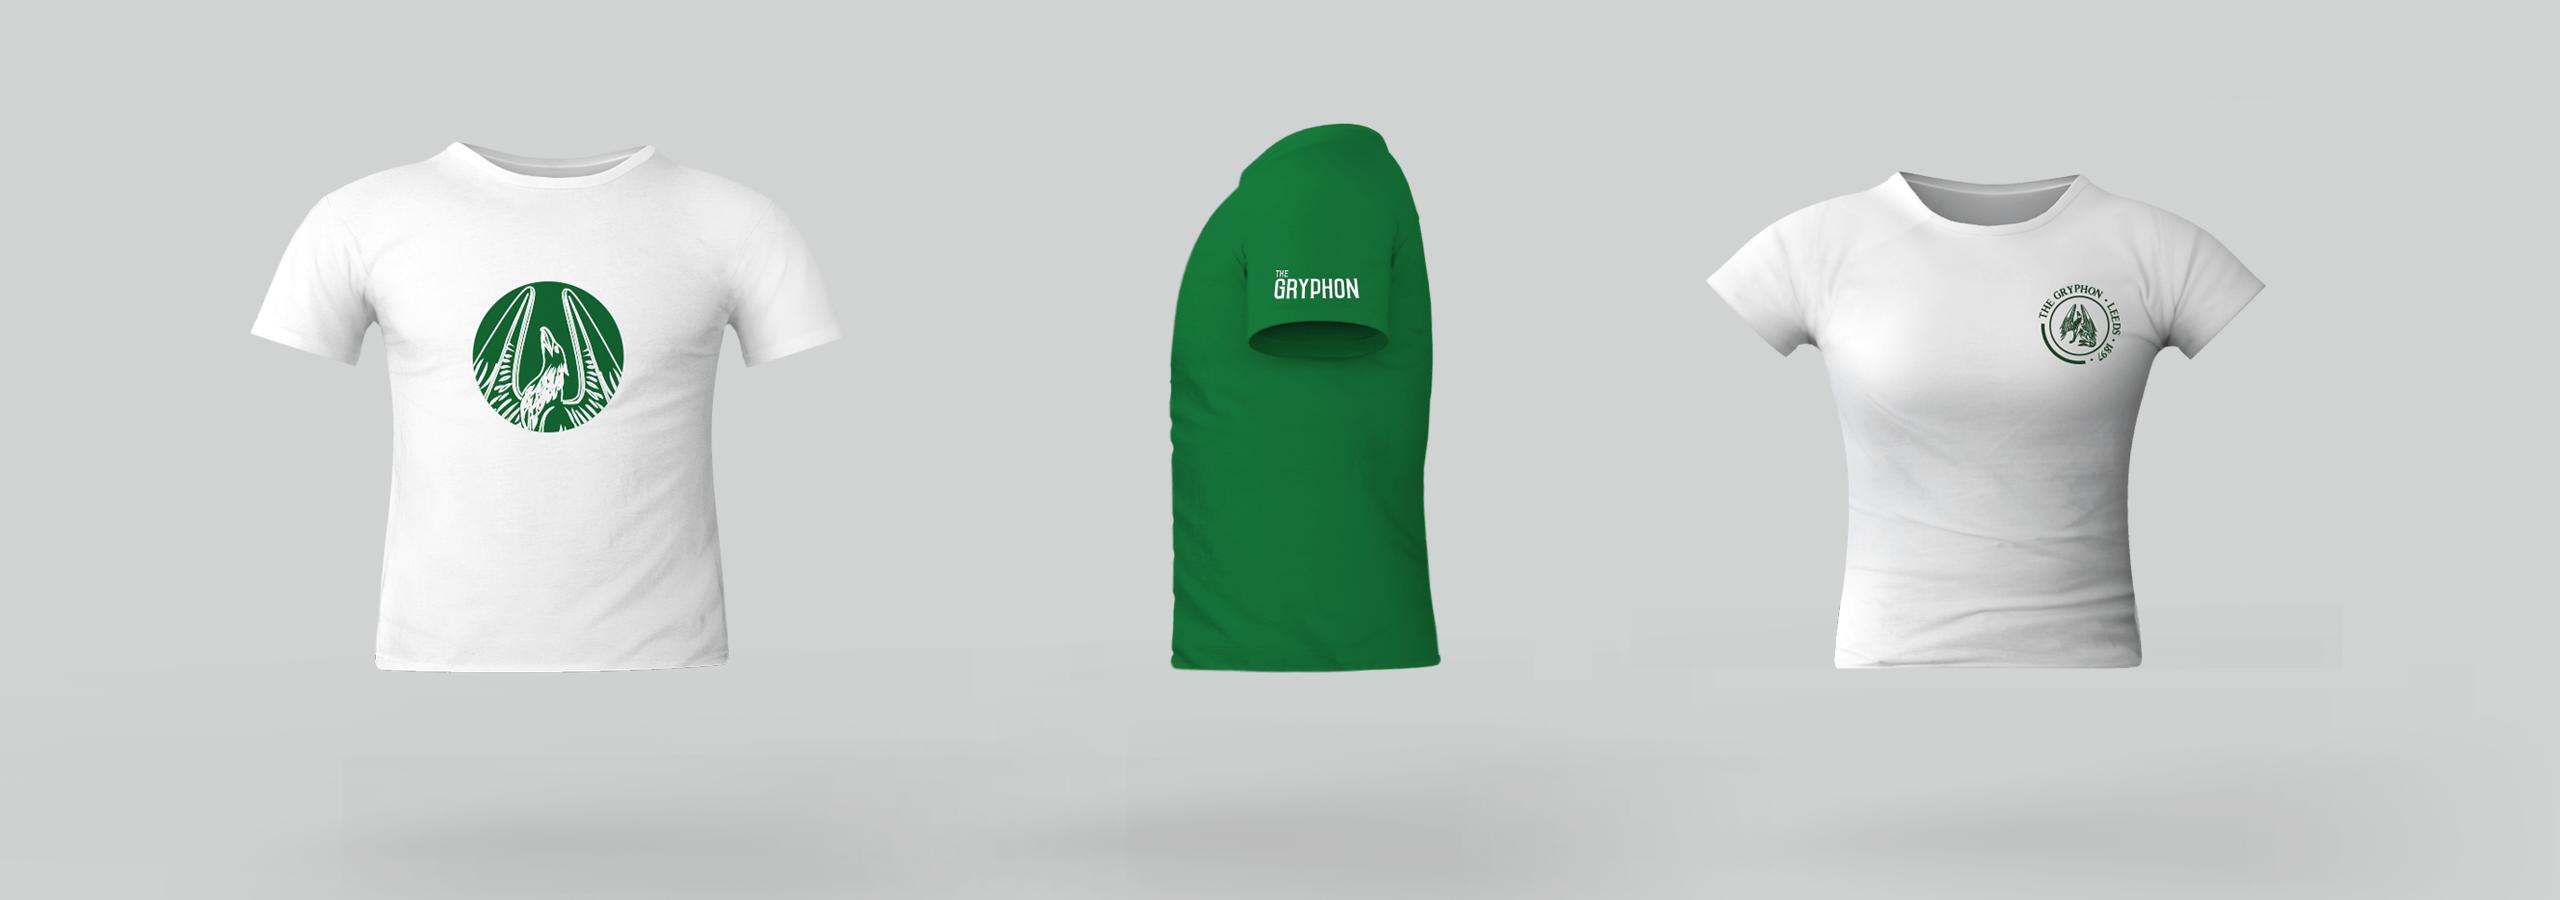 gryphon_tshirts